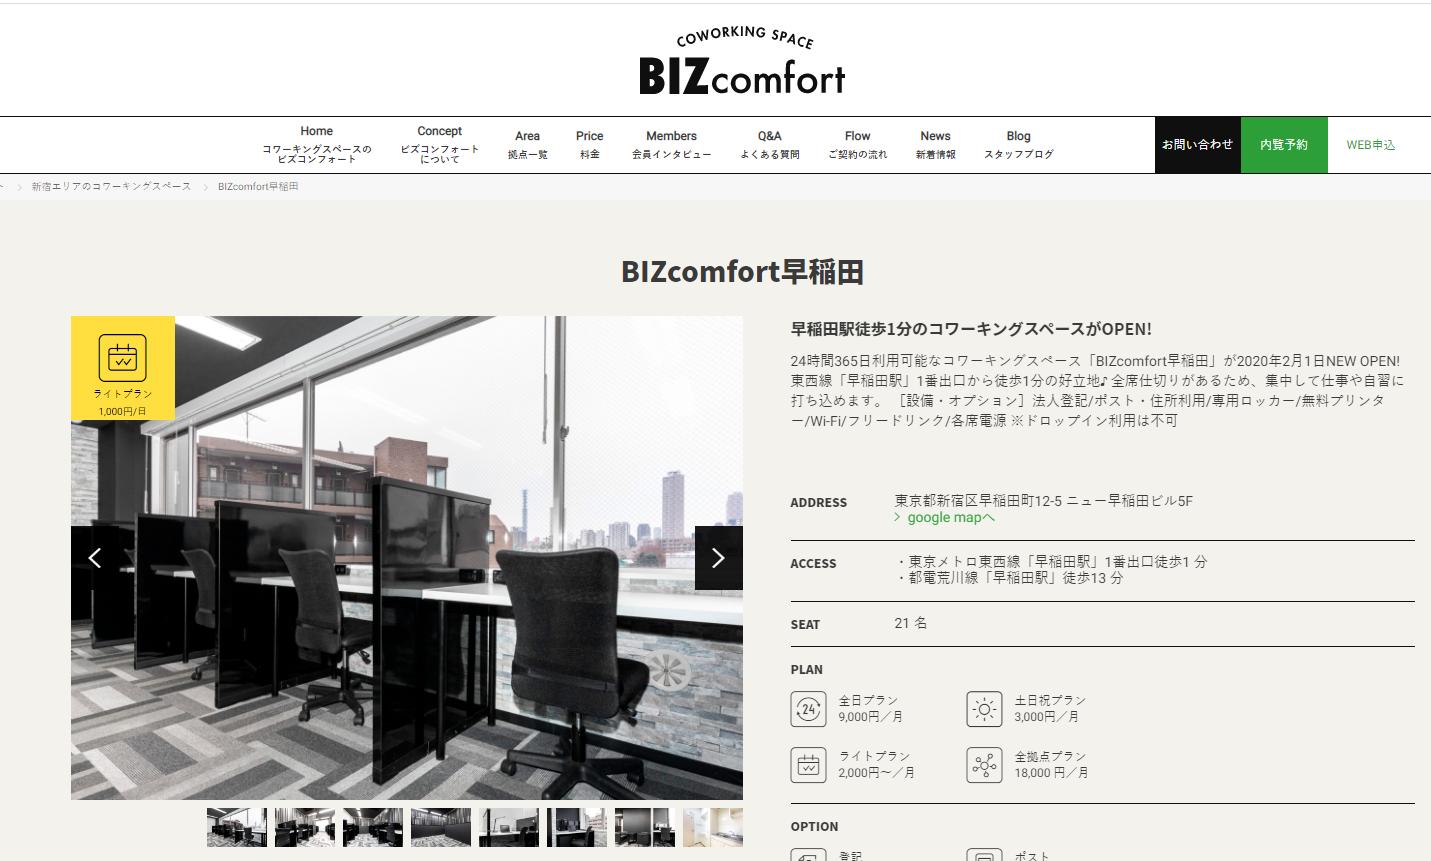 bizcomfortwaseda